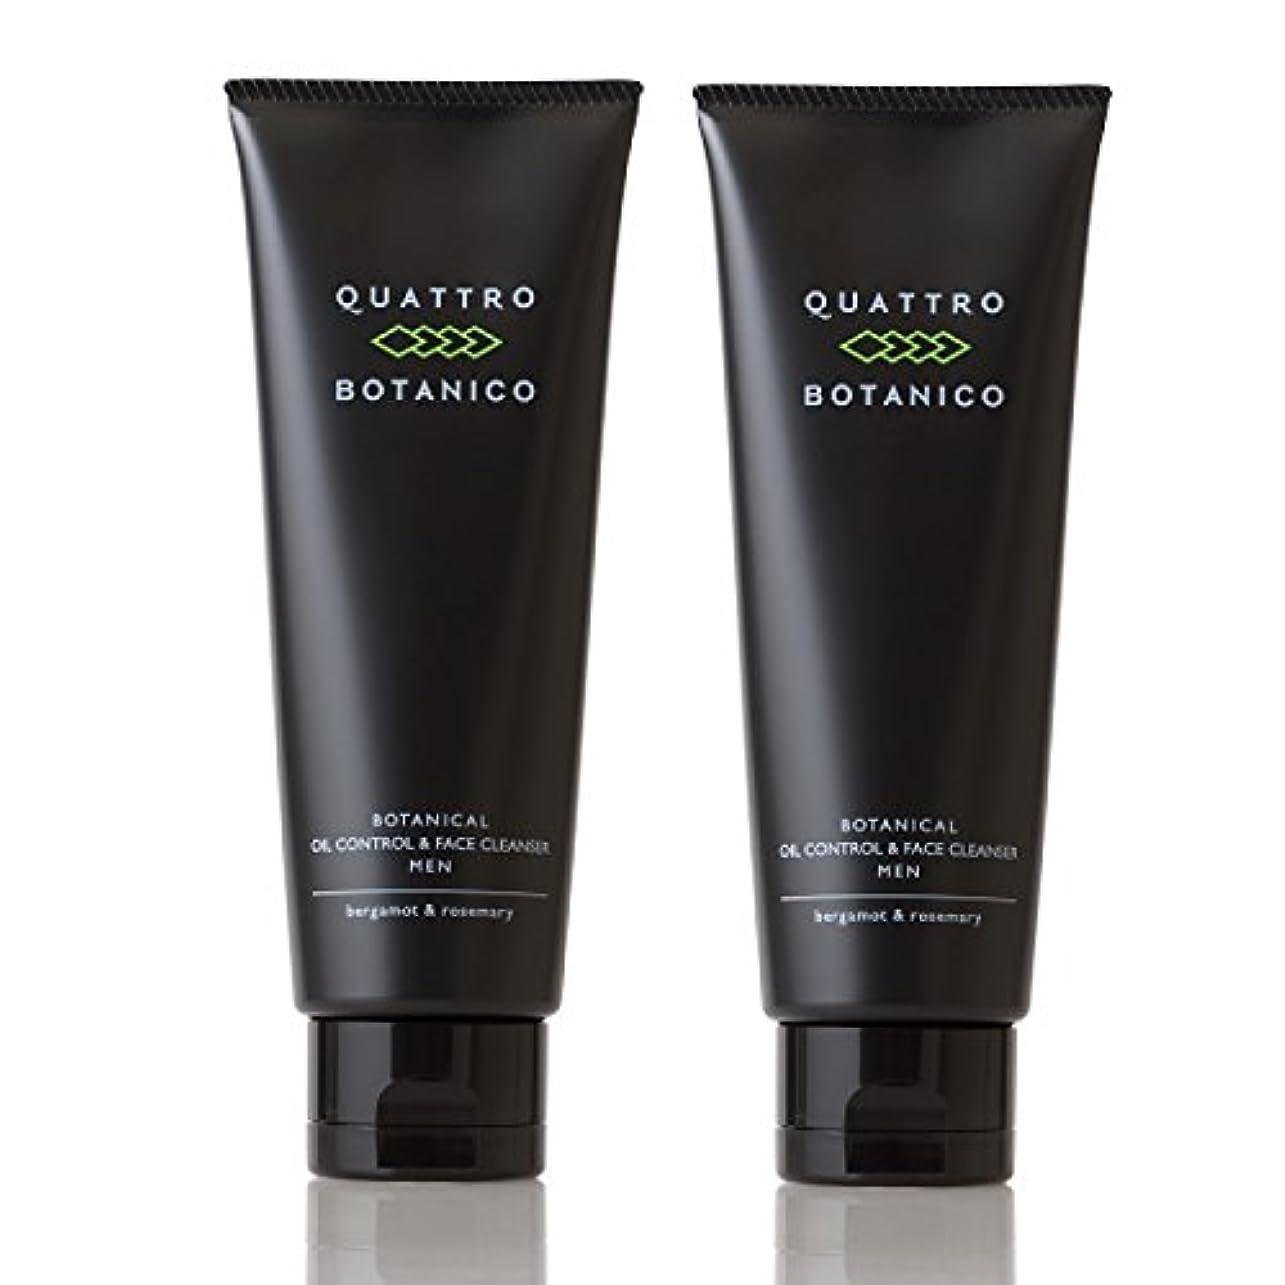 友情付添人気味の悪いクワトロボタニコ (QUATTRO BOTANICO) 【 メンズ 洗顔 】 ボタニカル オイルコントロール & フェイスクレンザー (男性 スキンケア) 《お得な2本セット》 120g × 2本